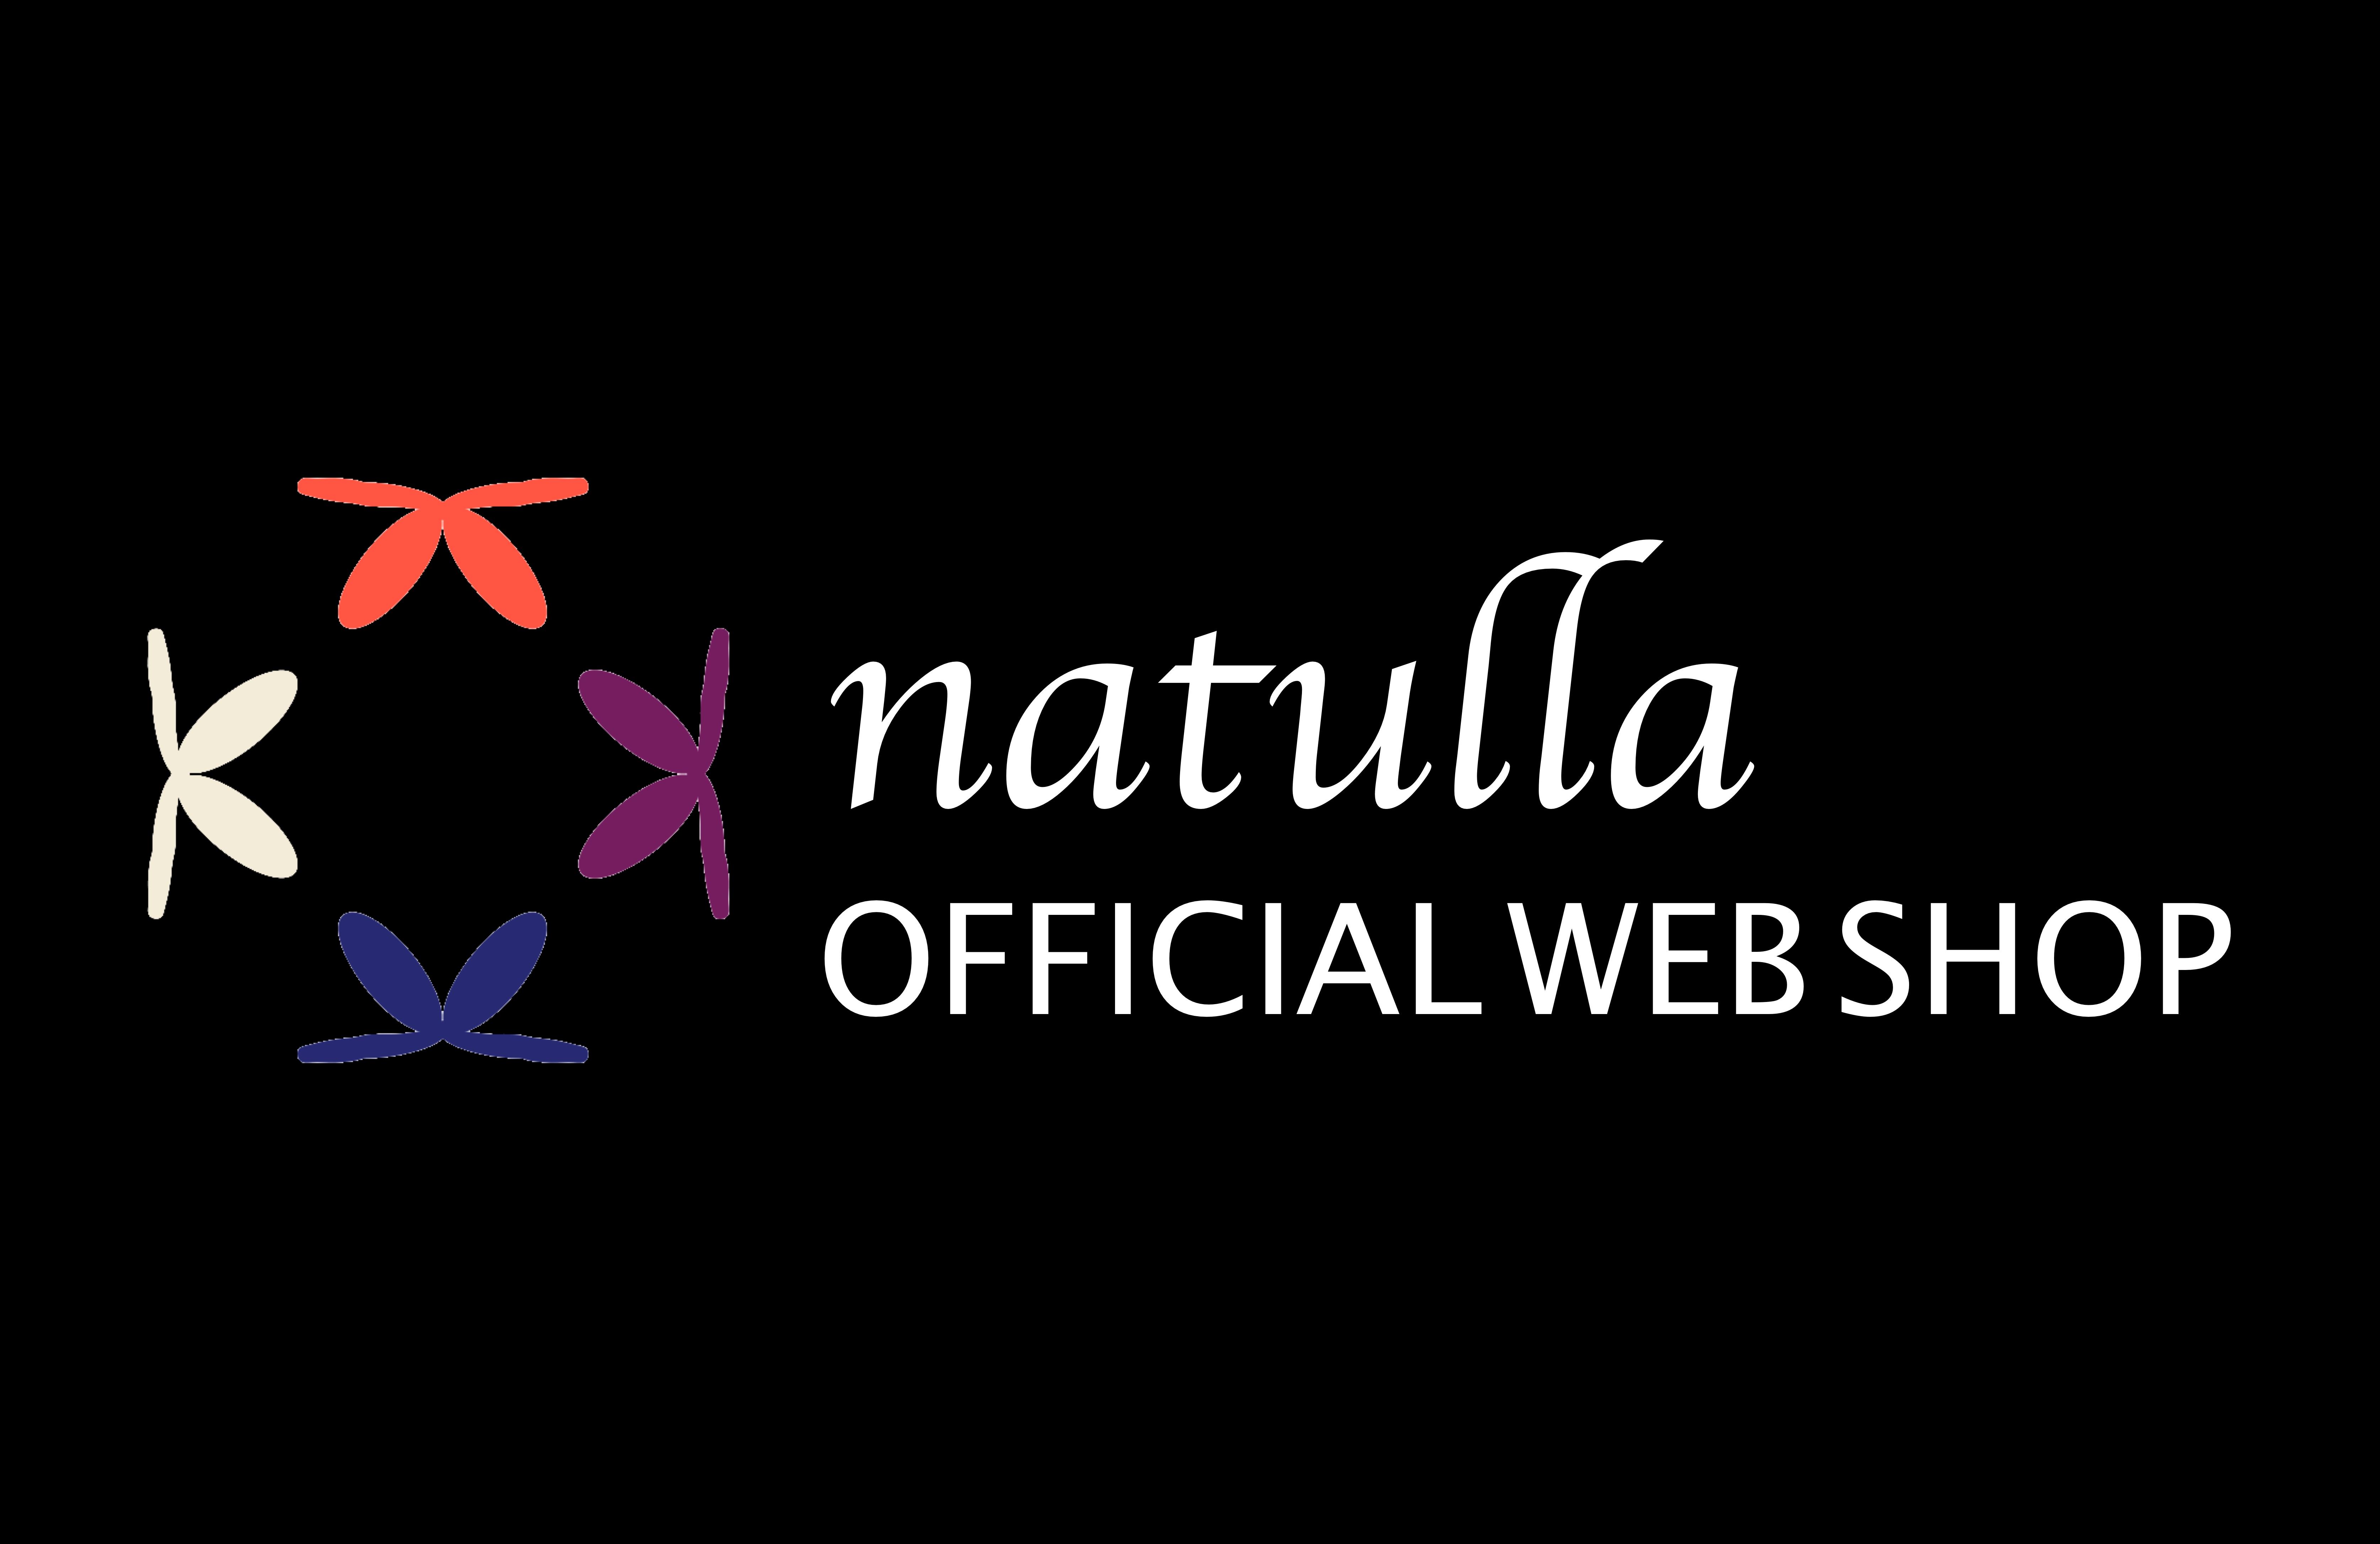 official web shop